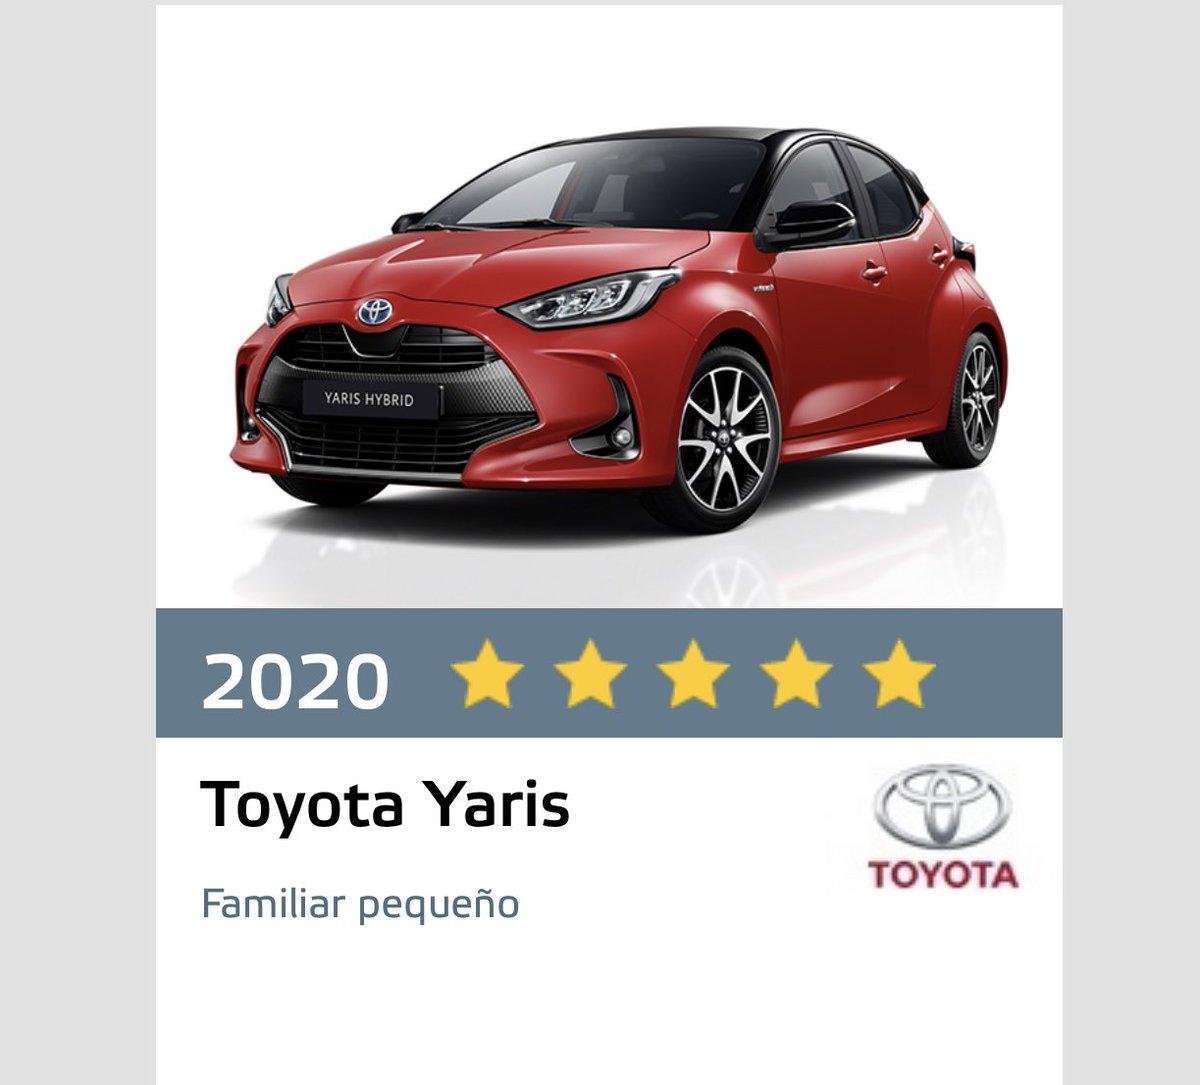 Ya puedes escuchar en nuevo episodio de @AutoFmRadio  Prueba #ID3, Nissan 400Z, #SEM2020 y #EuroNCAP2020 con @Antortxa @rivasportauto @Electroshock00 @JoseLagunar @MovActual  Nosotros hablamos de las ⭐️⭐️⭐️⭐️⭐️ @EuroNCAP del Toyota #Yaris  T09x03  https://t.co/8fZECUcu2e https://t.co/9s8sjphhM5